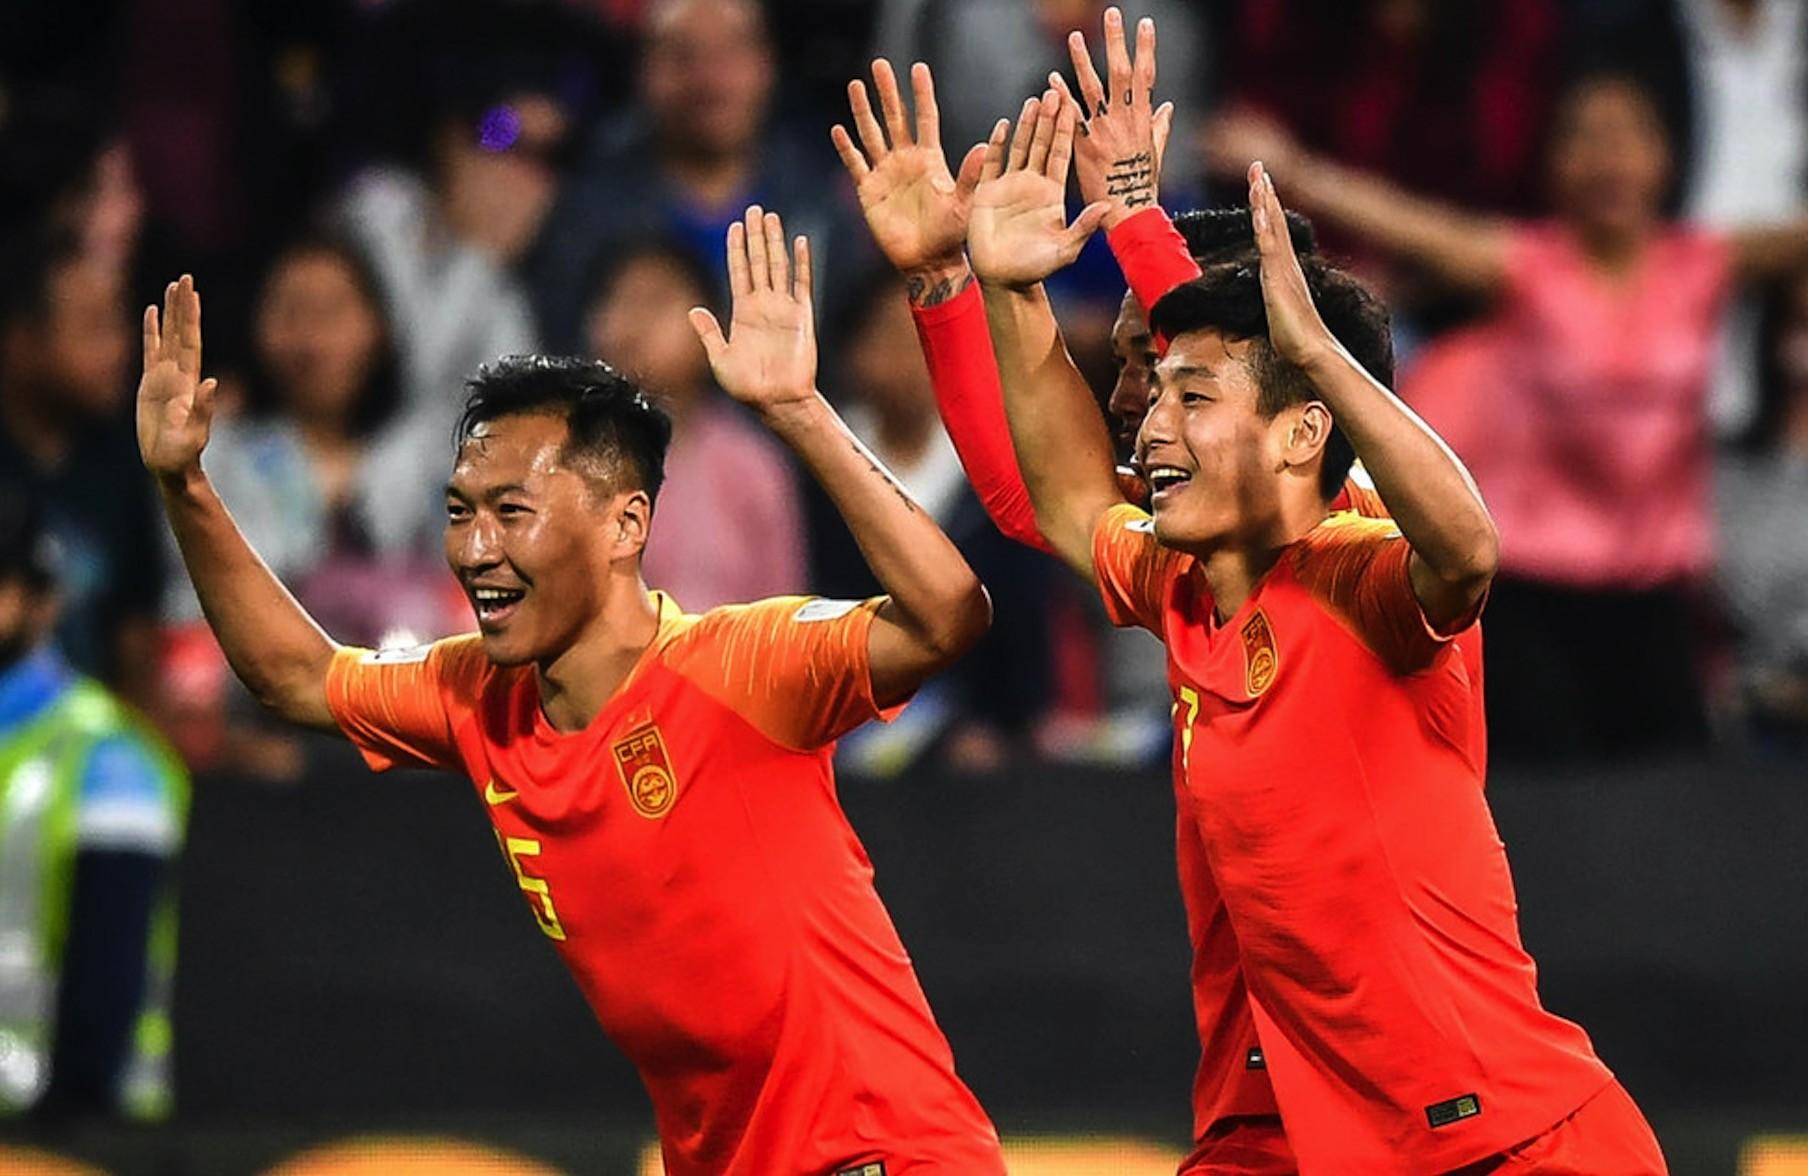 常规时间,国足在亚洲杯上从未战胜过伊朗